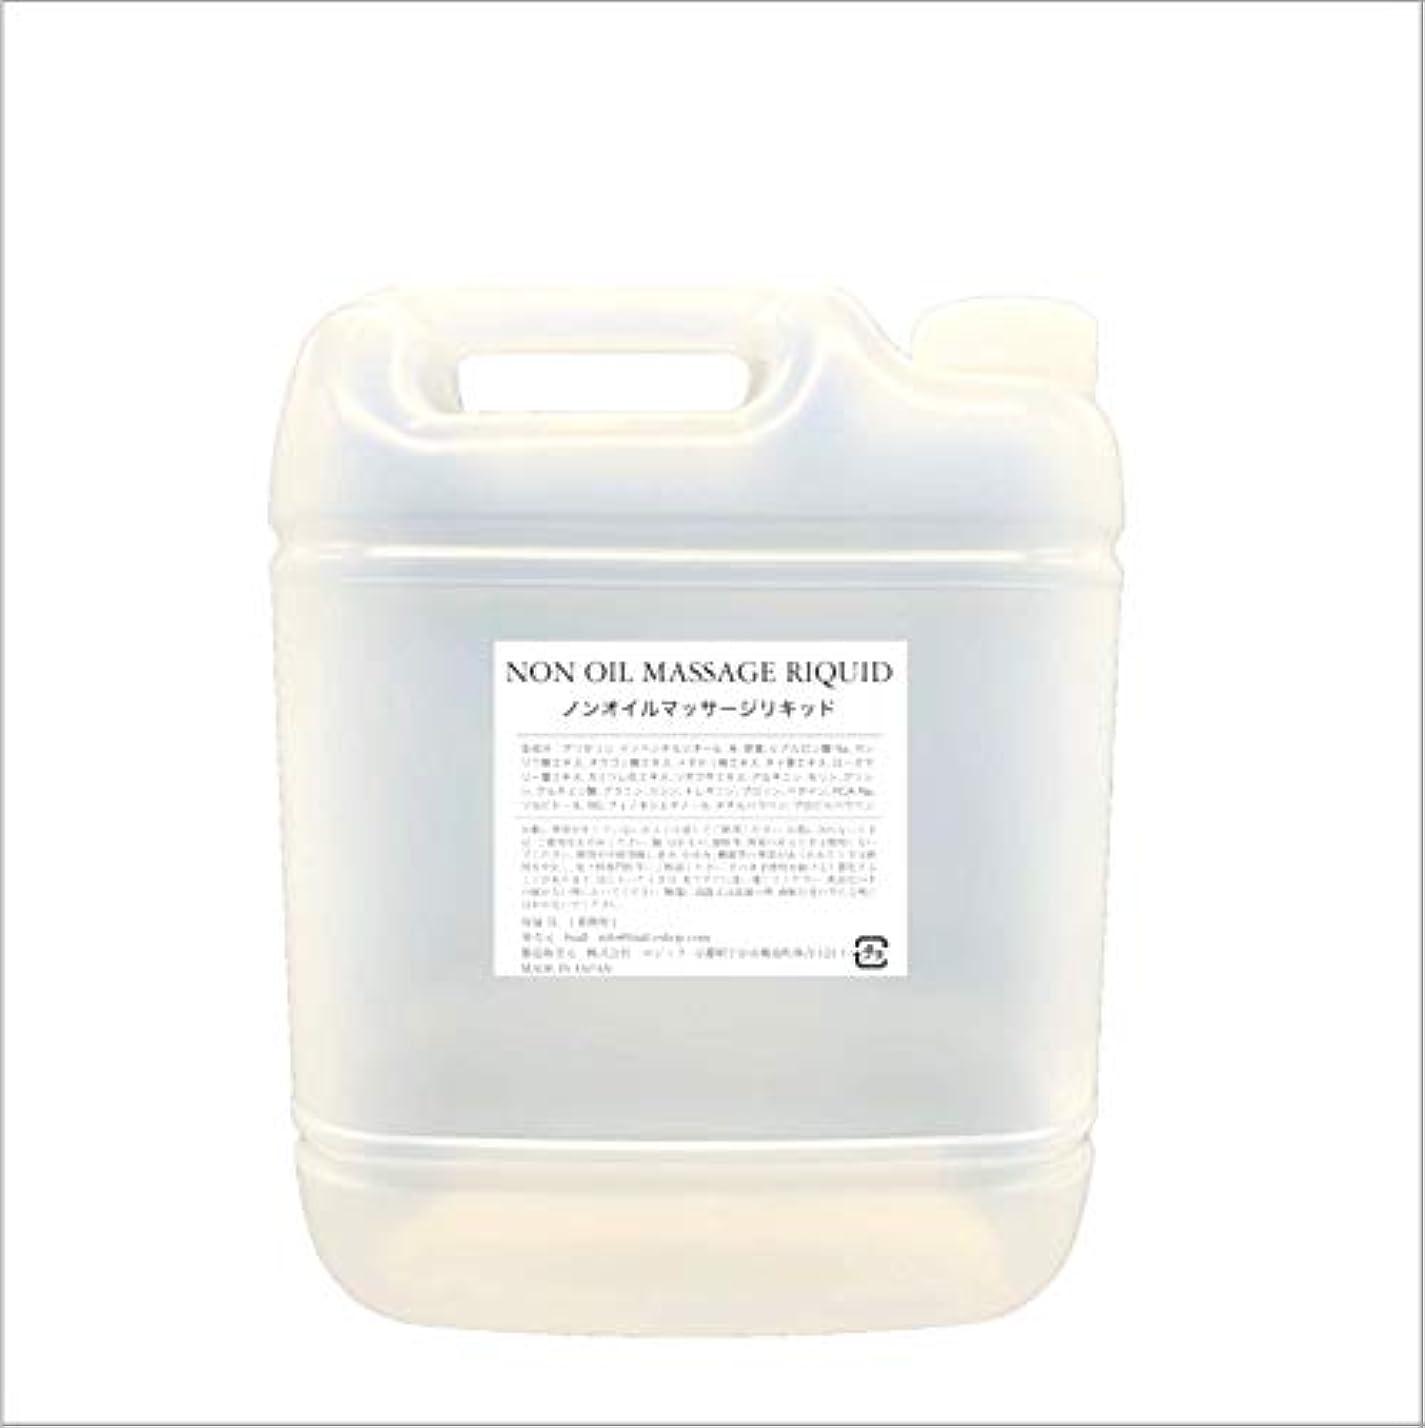 荒涼とした過度にサイクル〈ビオール〉ノンオイル マッサージリキッド5L業務用 無香料【マッサージオイル、マッサージジェル、水溶性マッサージリキッド】